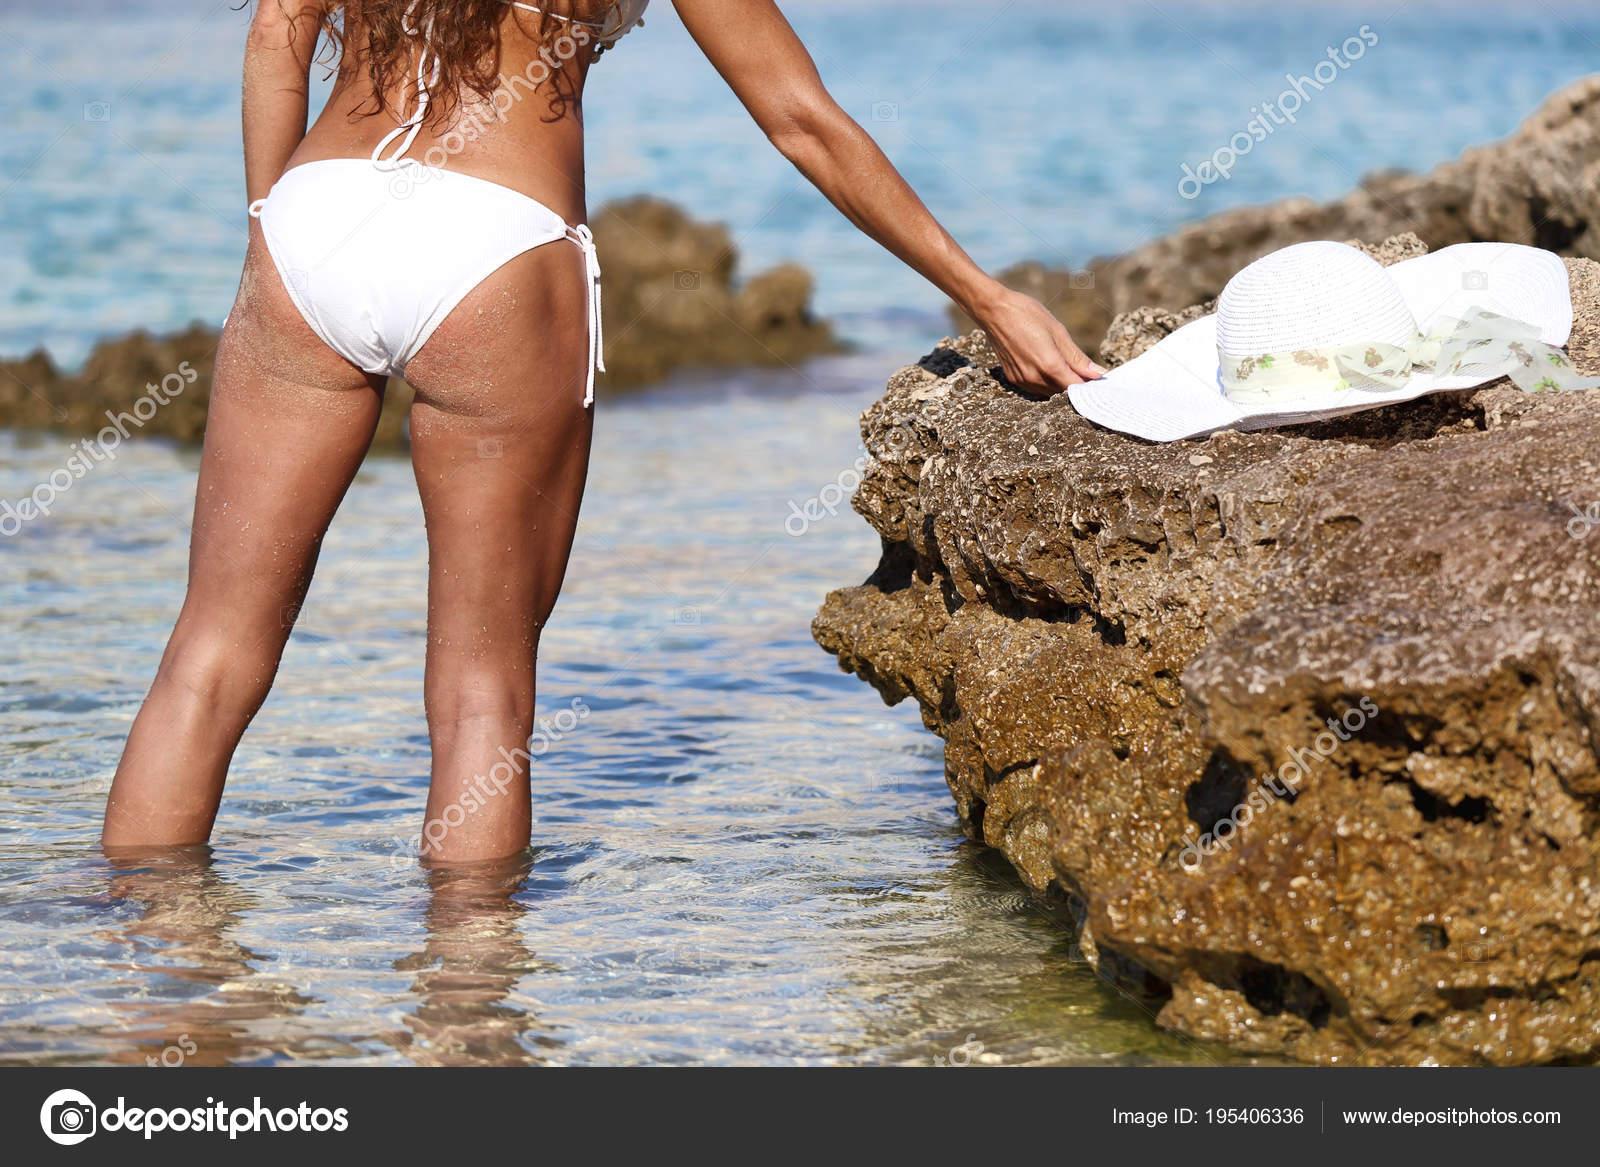 Atractiva Mujer Desnuda Tomando Sol Playa Foto De Stock Vuk8691